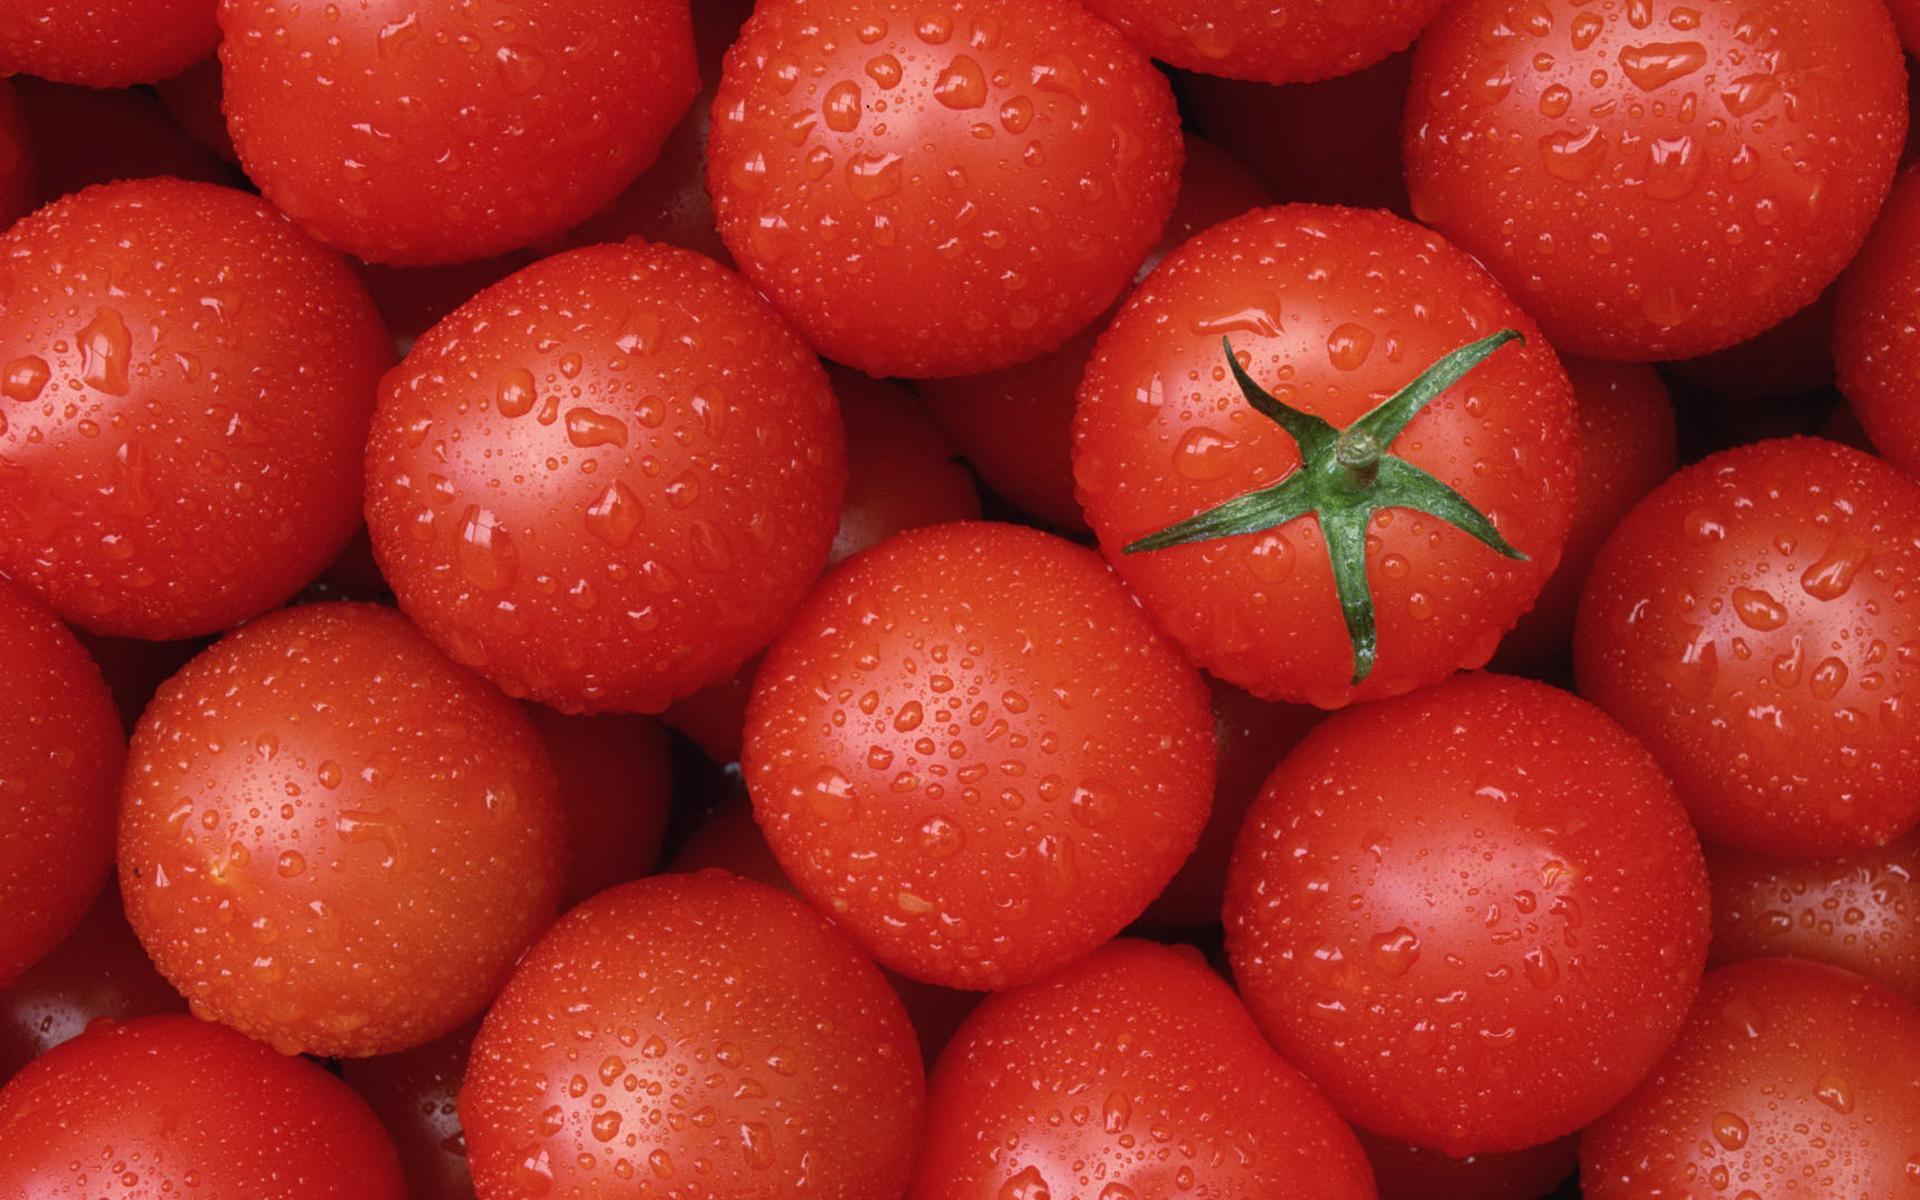 ученые нашли гены, ответственные за вкусовые параметры помидоров